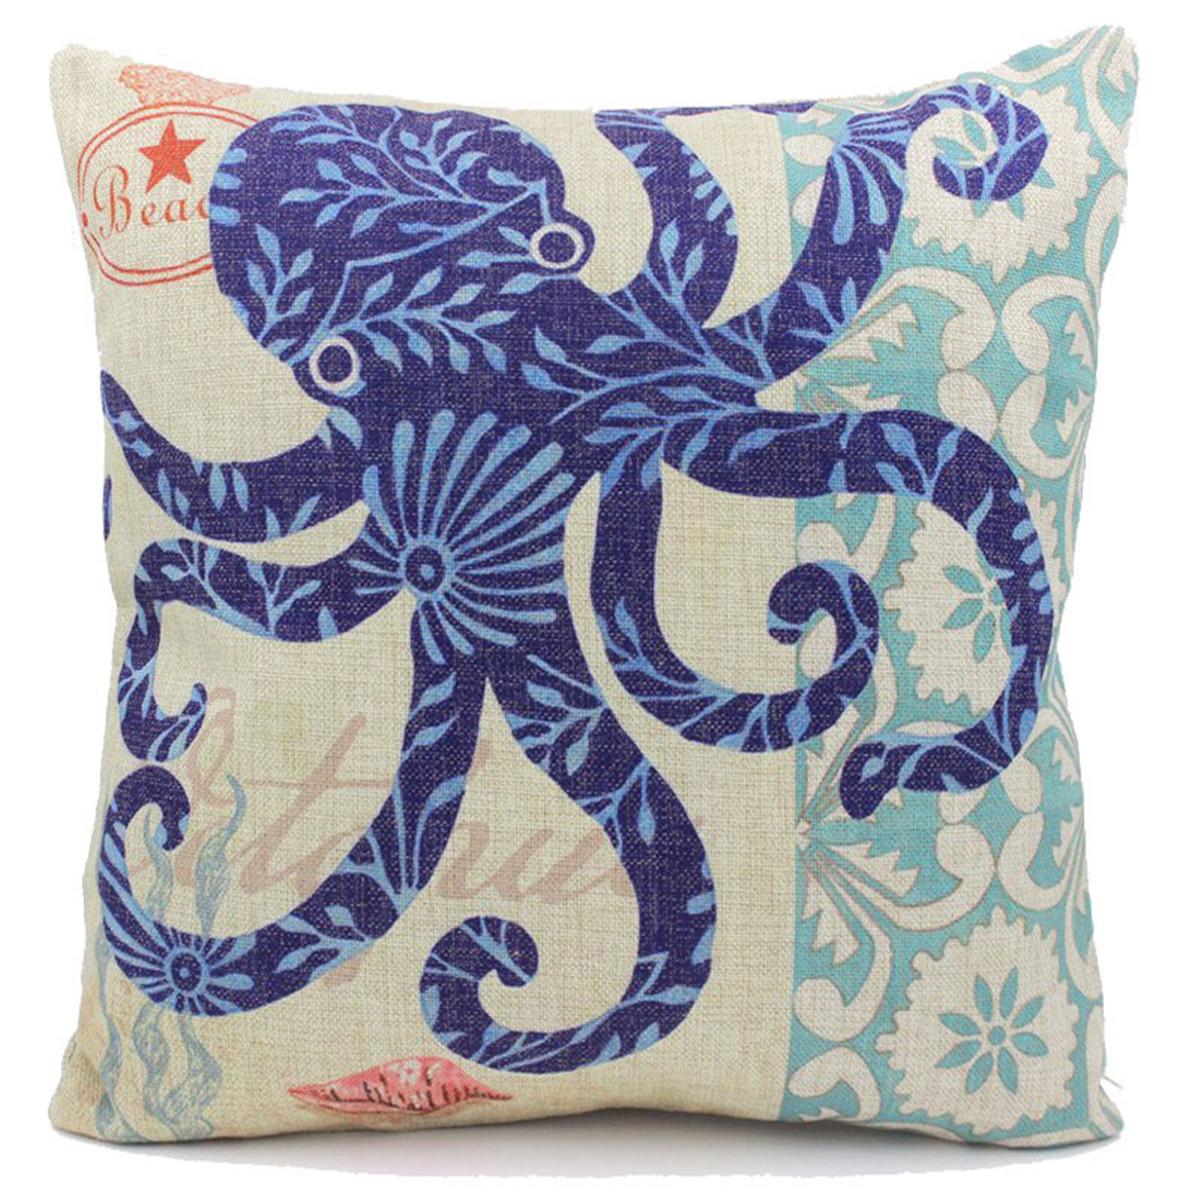 Ocean Animal Pillows : Ocean Animal Sofa Car Throw Pillow Case Cotton Cushion Cover Decor Cushion Linen eBay